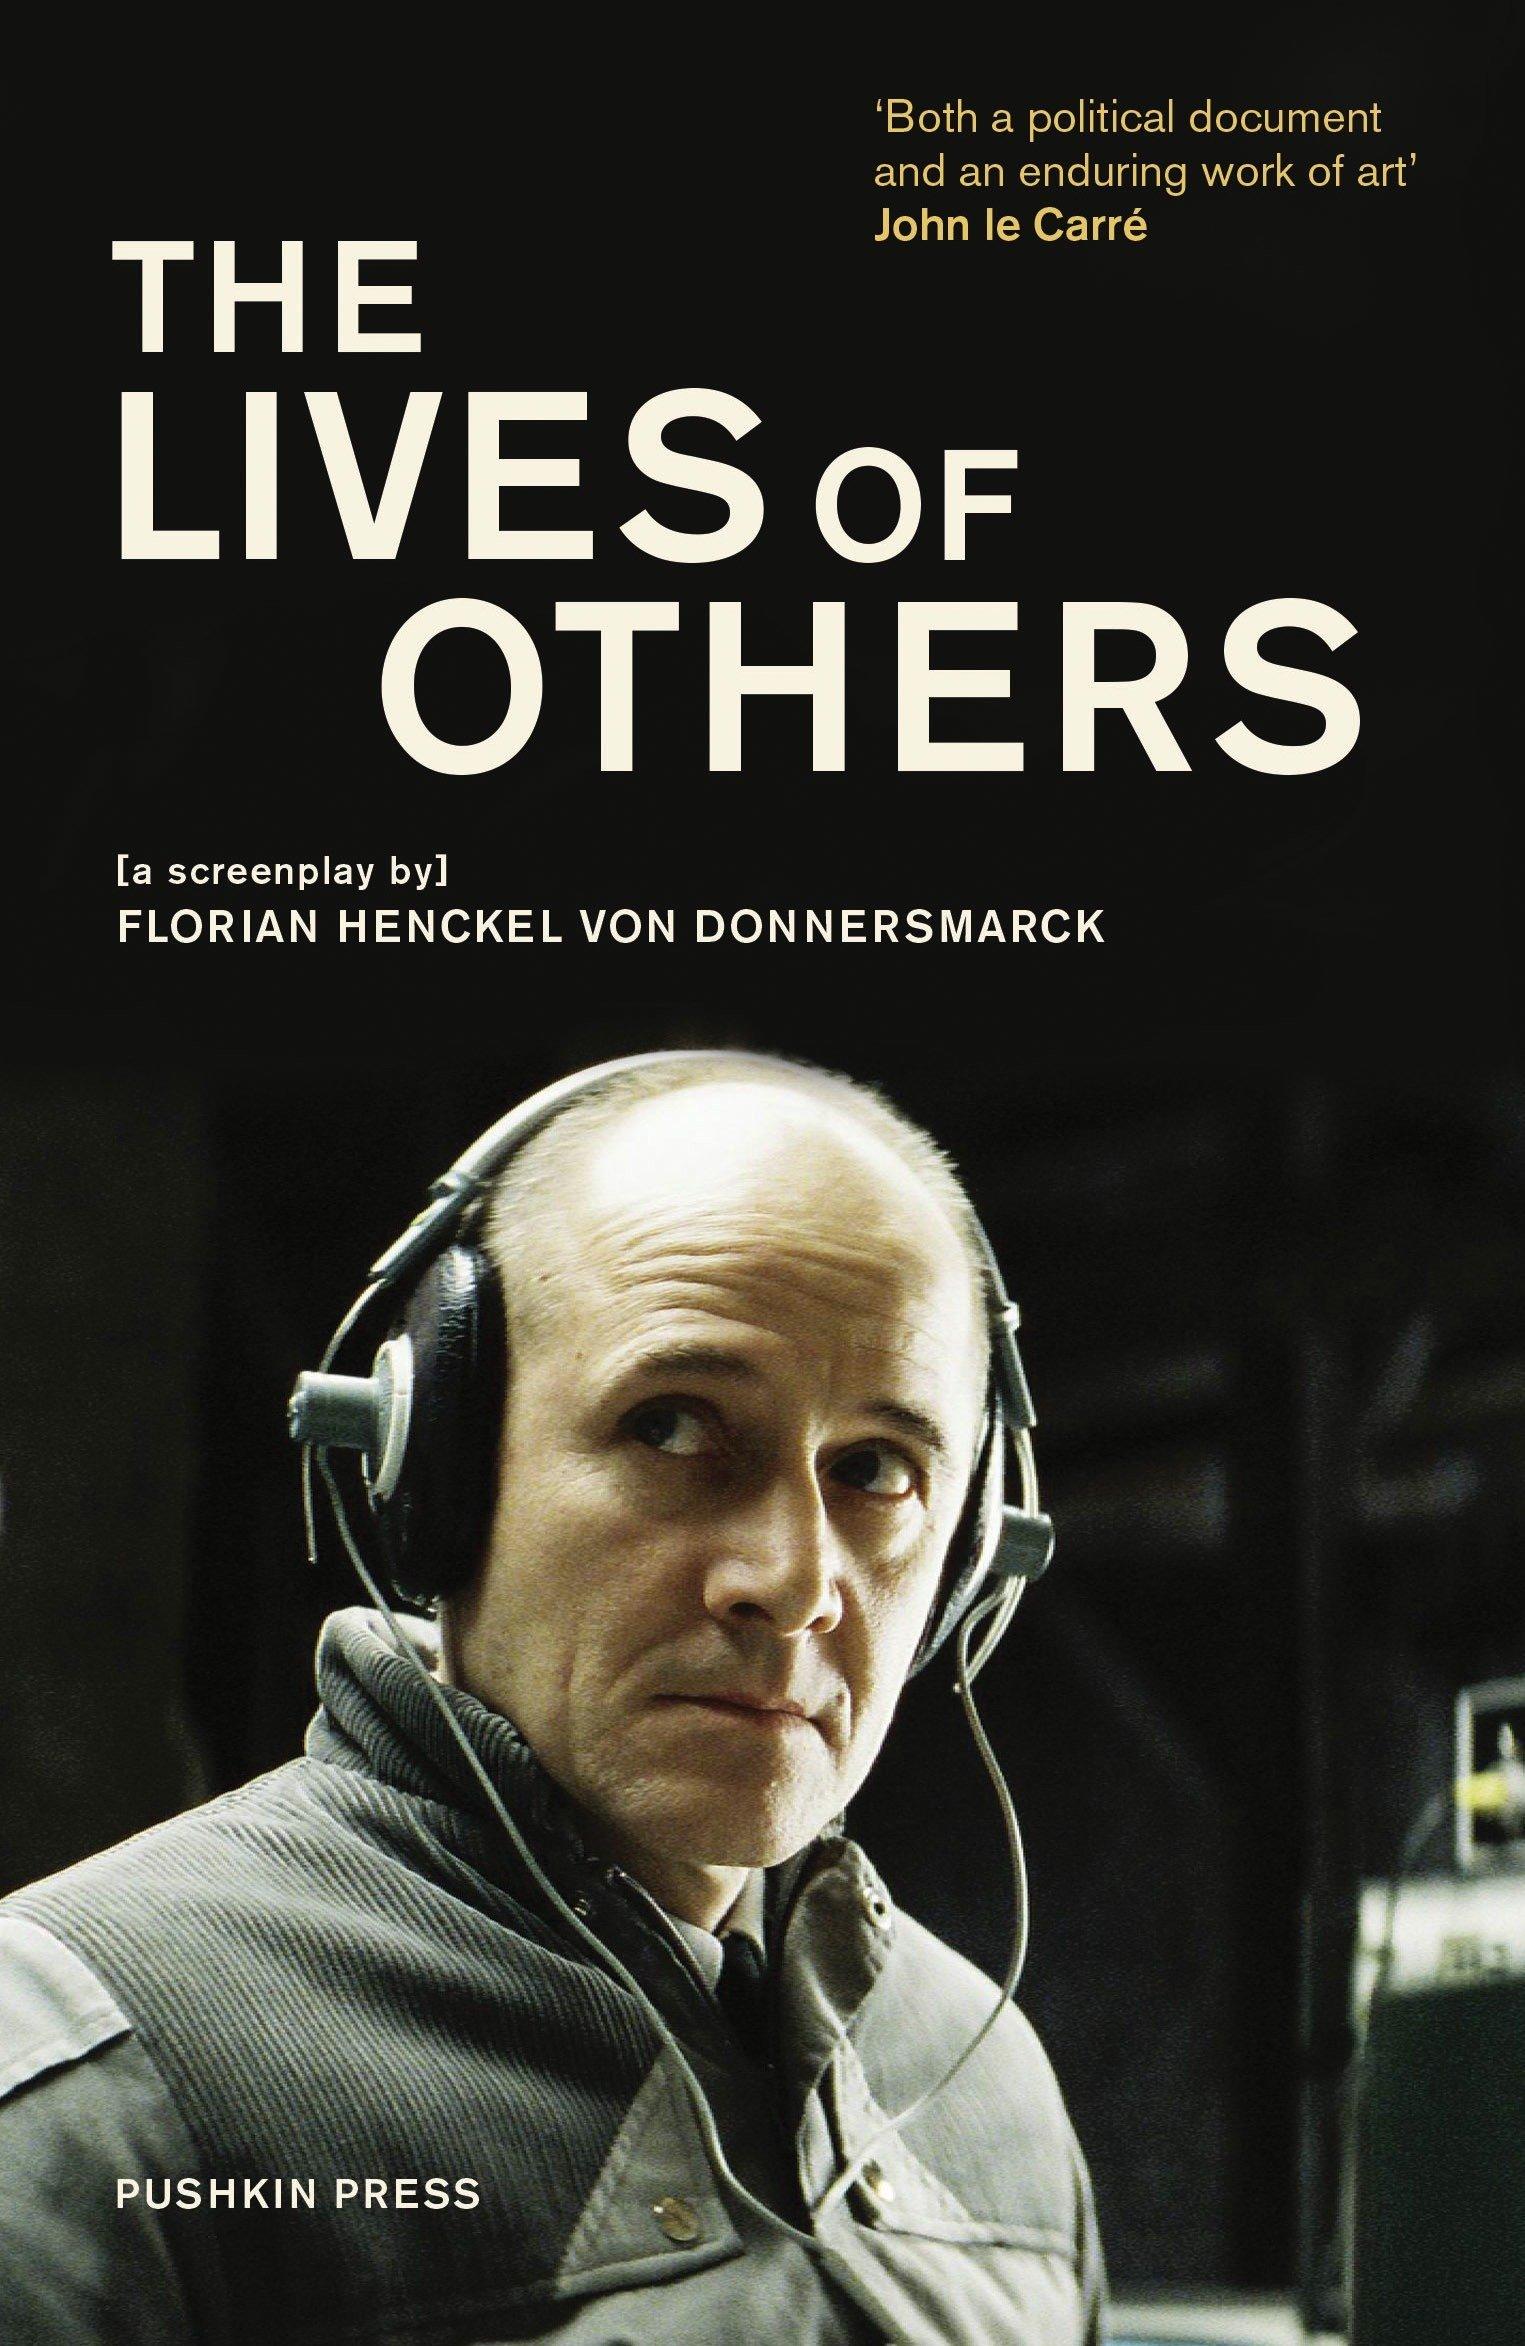 دانلود فیلم The Lives of Others 2006 با زیرنویس فارسی چسبیده